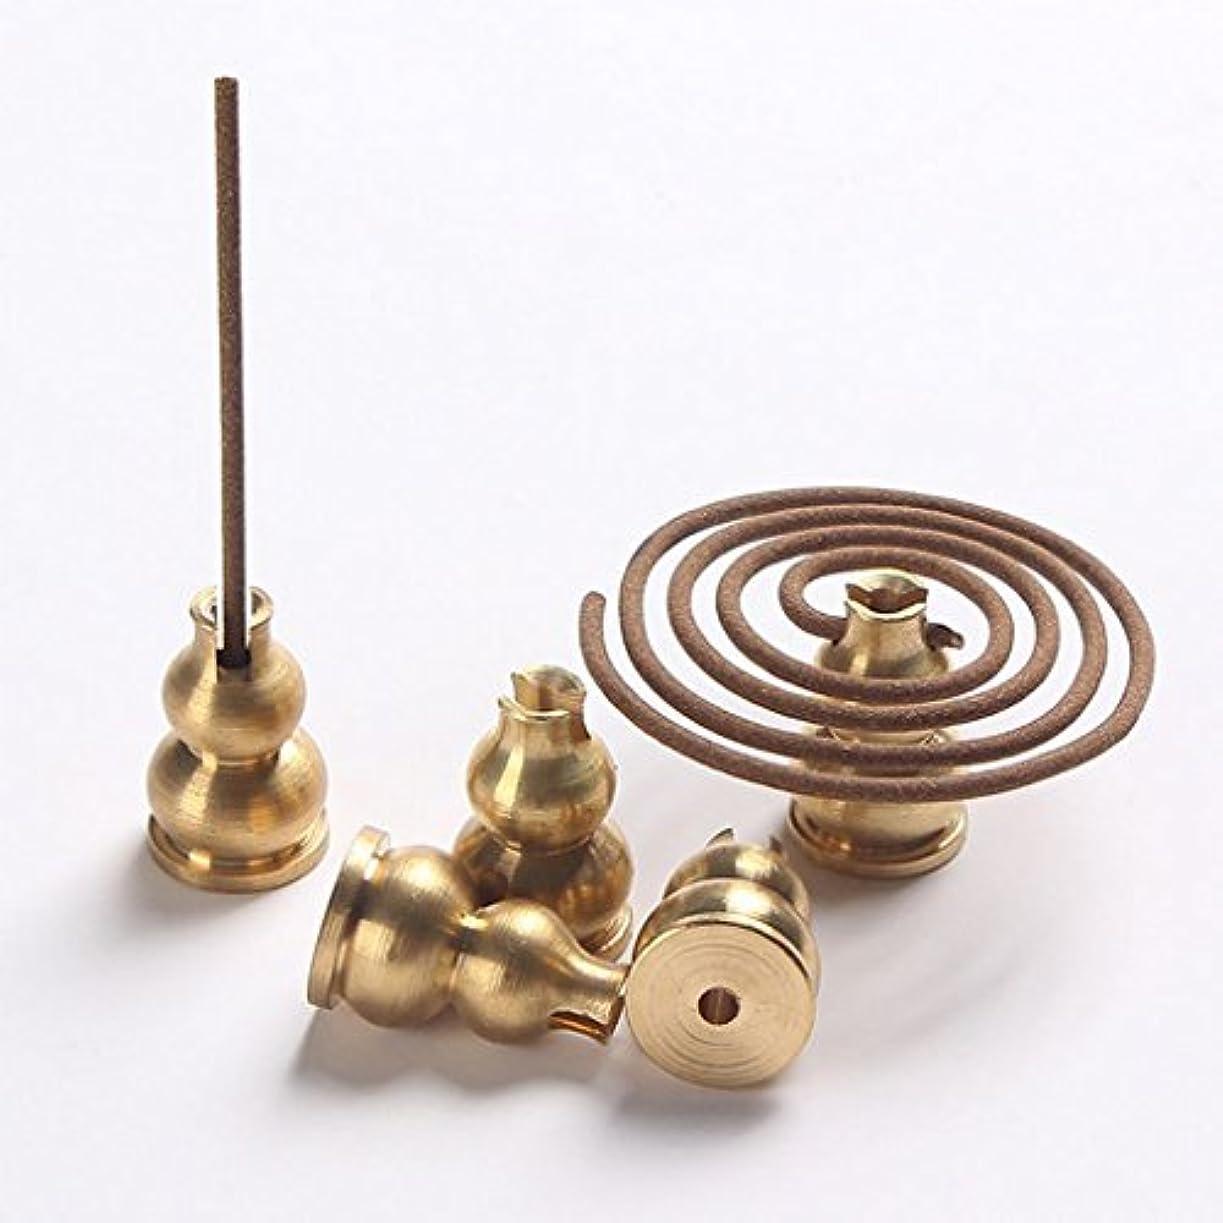 染料めまいが証人FutuHome 3mm真鍮のひょうたんバーナーホルダーキャッチャーコイルの棒の香